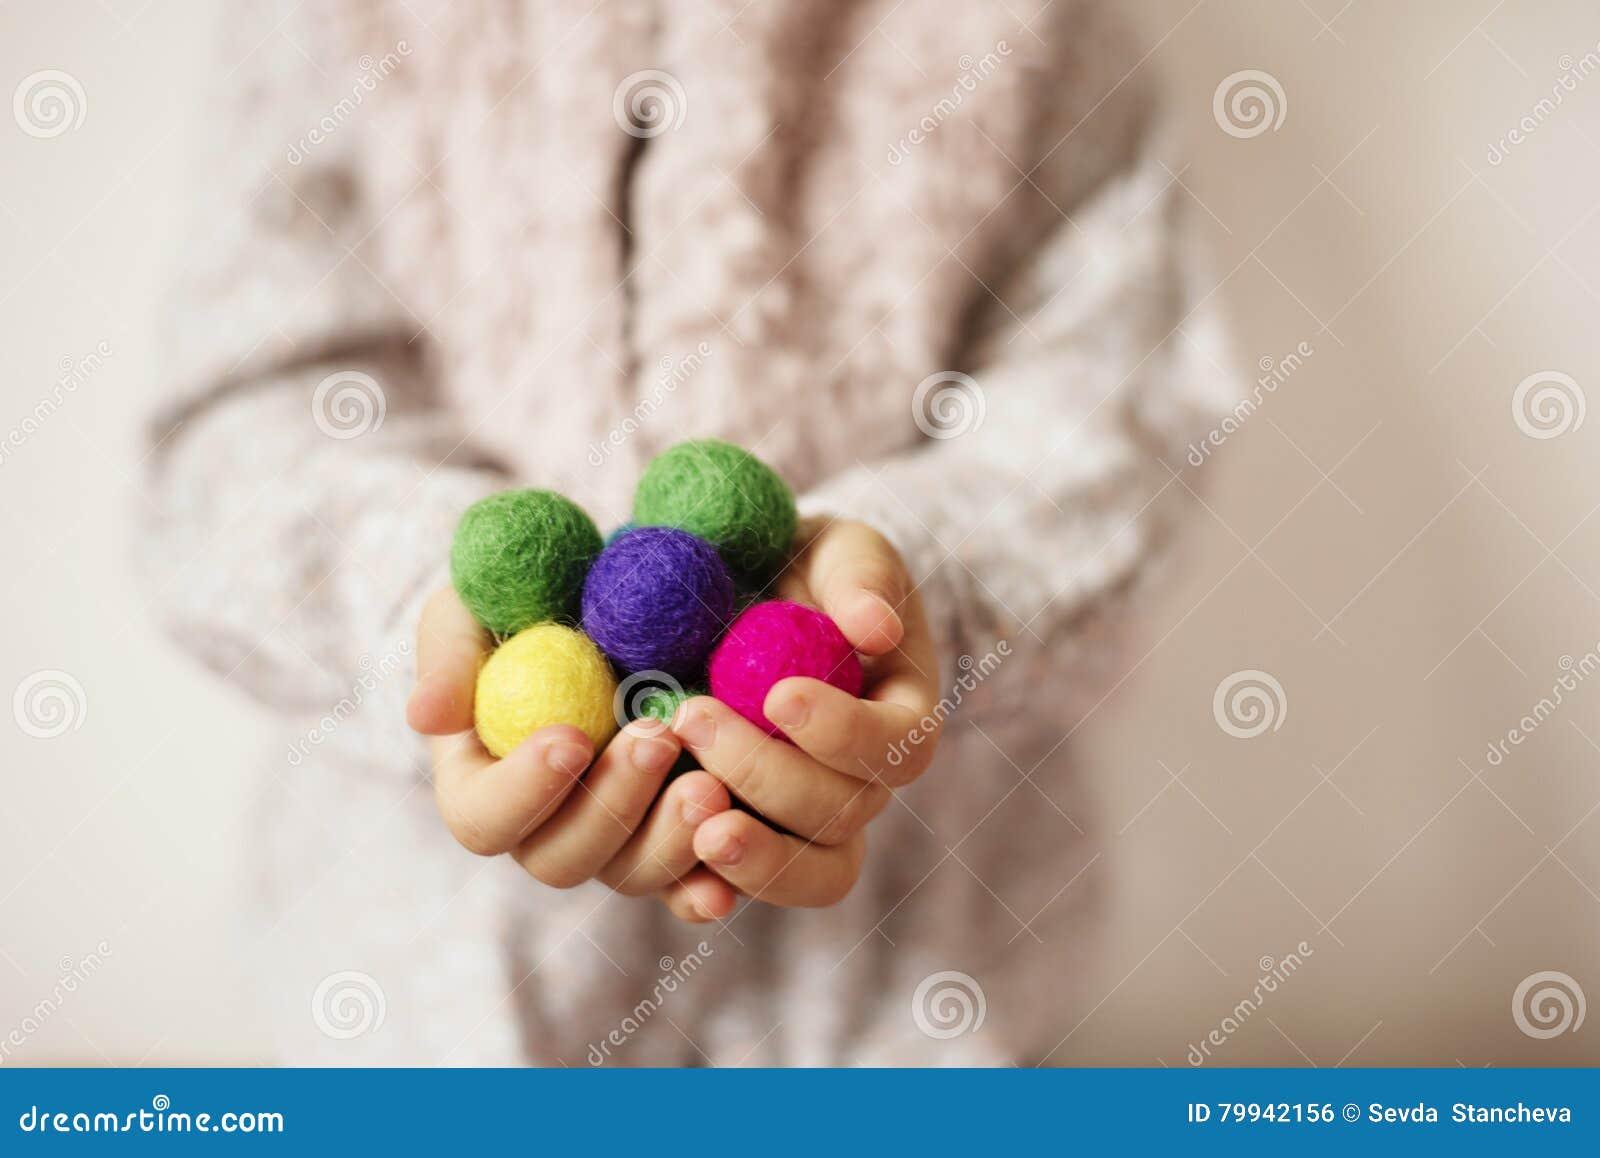 Κλείστε επάνω των χεριών παιδιών κρατώντας τις ζωηρόχρωμες αισθητές σφαίρες Παιδί, φοίνικες παιδιών Ένα μικρό κορίτσι κρατά στις